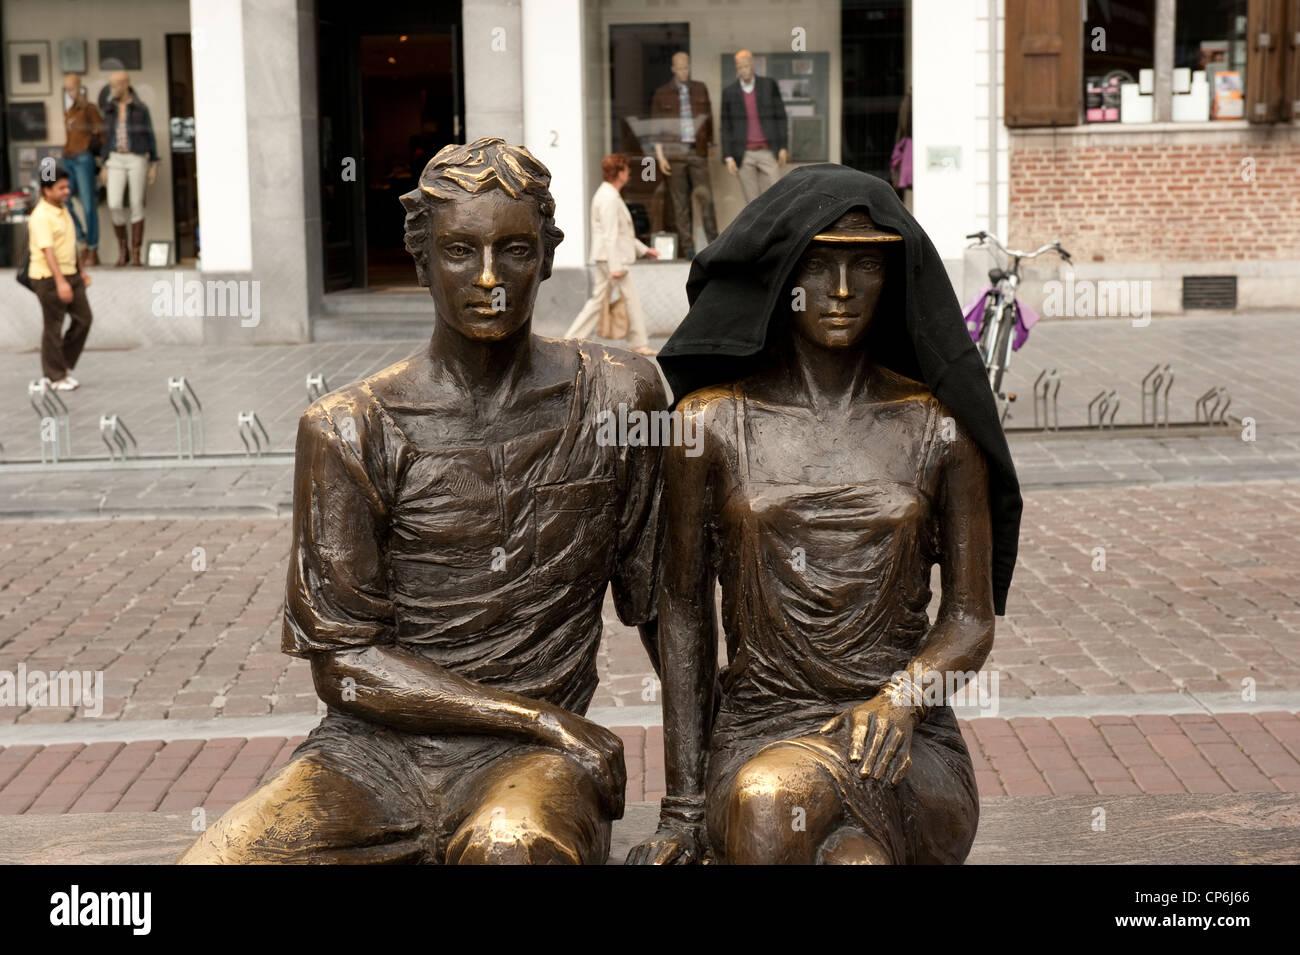 Bronze Statue Couple Dart Public Sur Banc De La Grand Place Hasselt